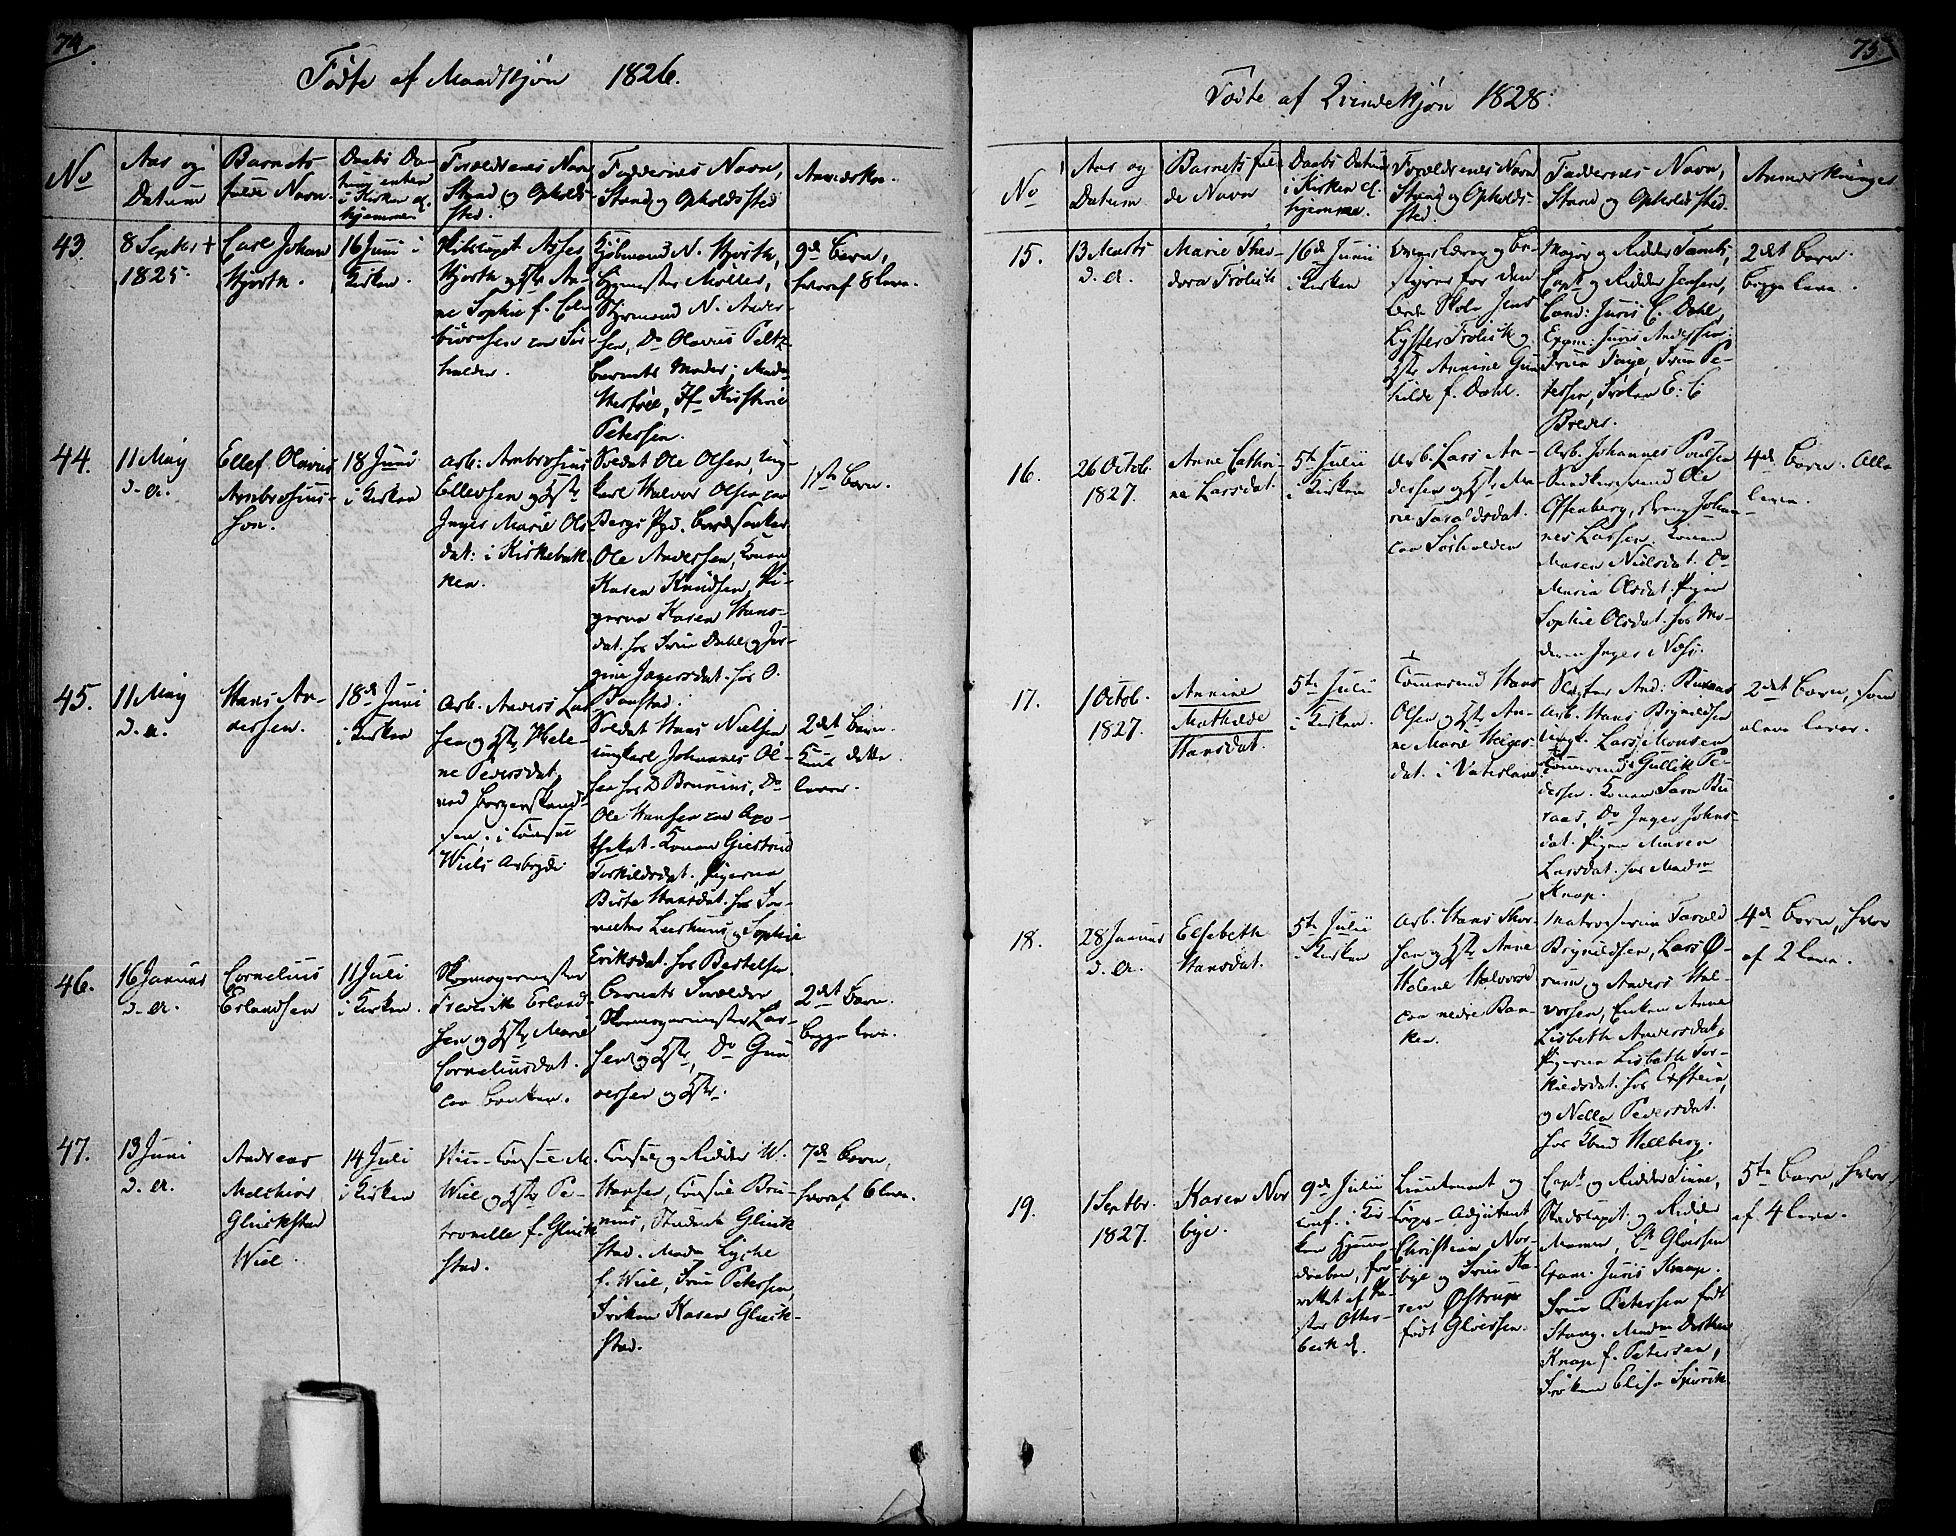 SAO, Halden prestekontor Kirkebøker, F/Fa/L0004: Ministerialbok nr. I 4, 1823-1834, s. 74-75